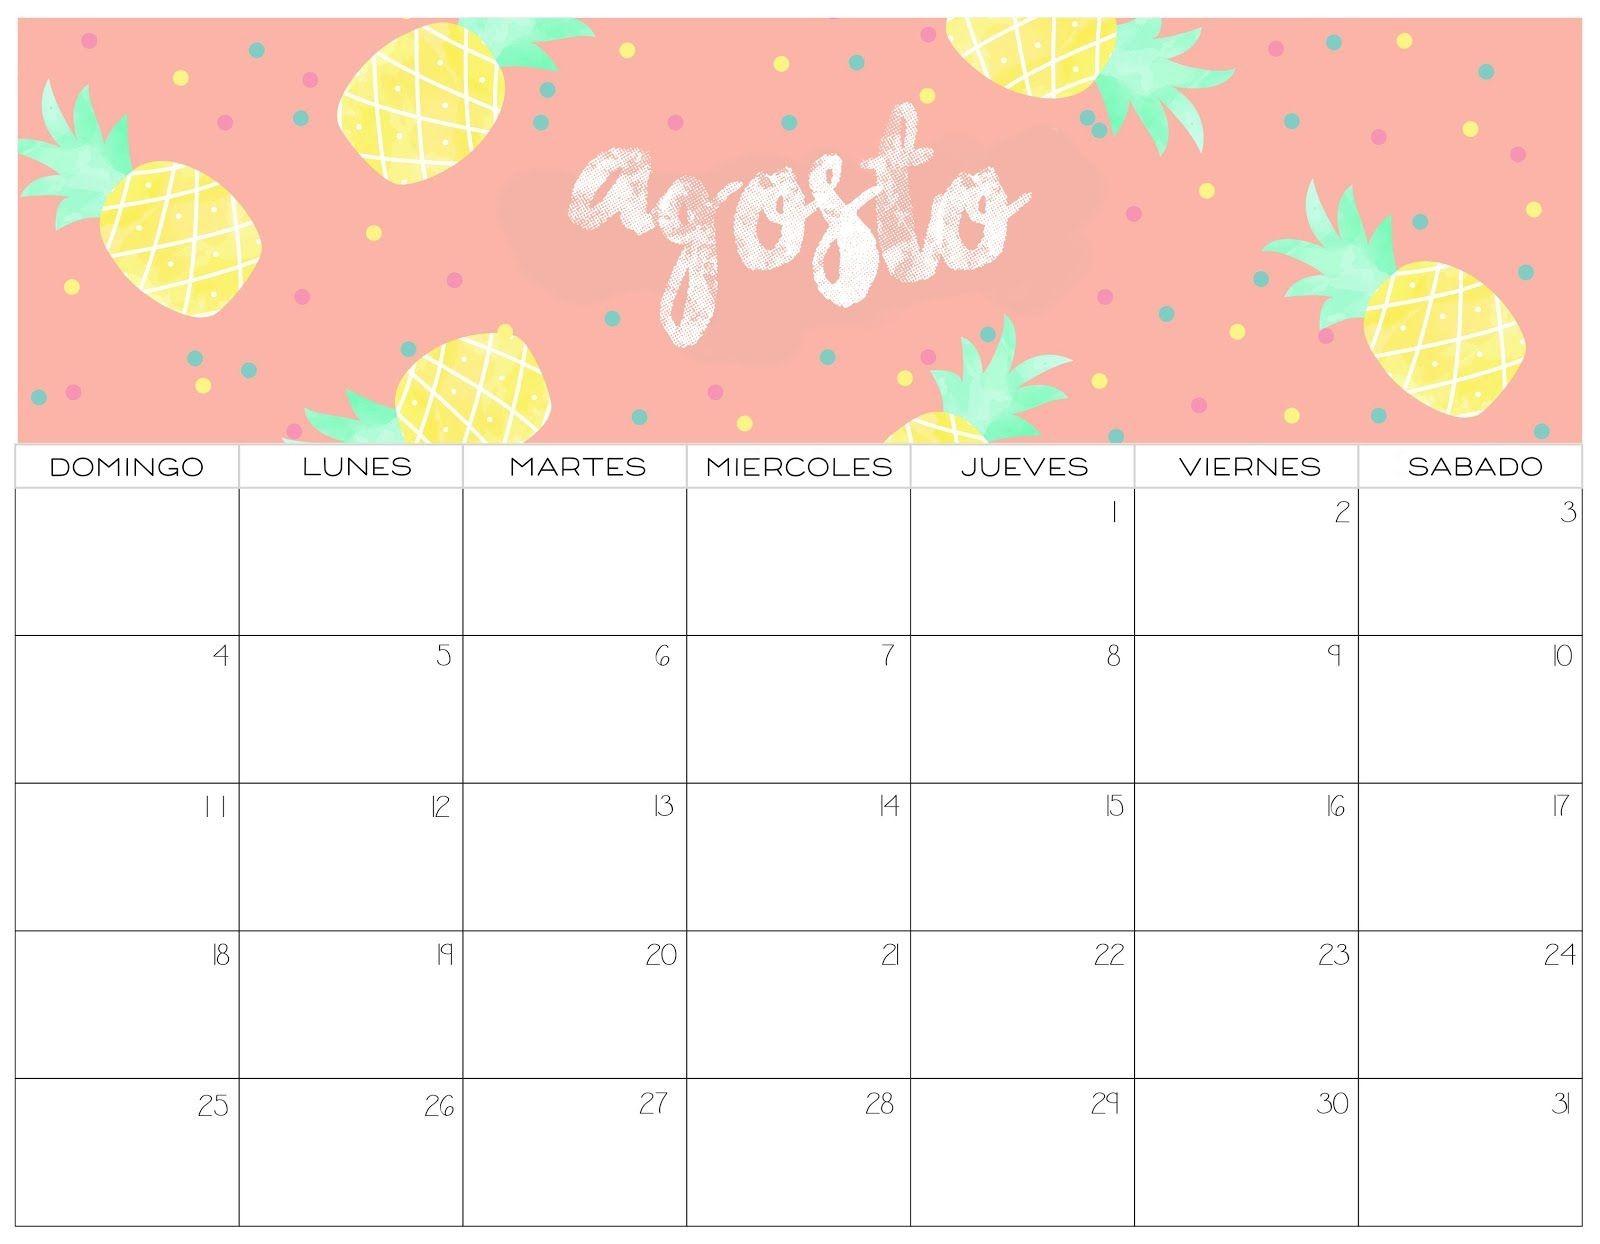 Calendario Semanal Para Imprimir Gratis Actual Calendario 2019 Colorido 12 Meses Meses Pinterest Of Calendario Semanal Para Imprimir Gratis Más Actual Pin De Karen De Villao En Bordes Para Caratula